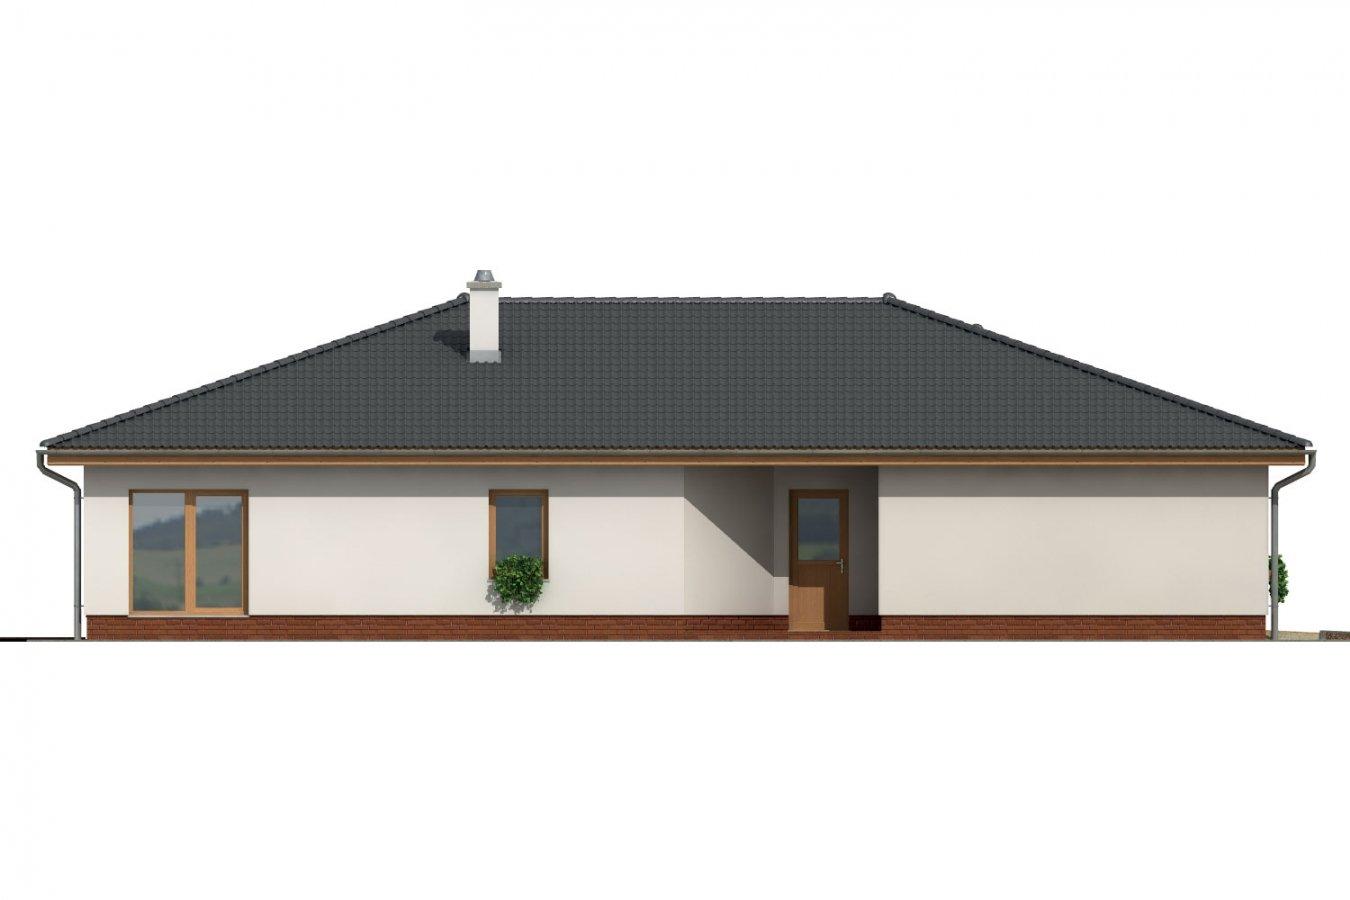 Pohľad 4. - Veľkopriestorový rodinný dom do L s dvojgarážou a krytou terasou